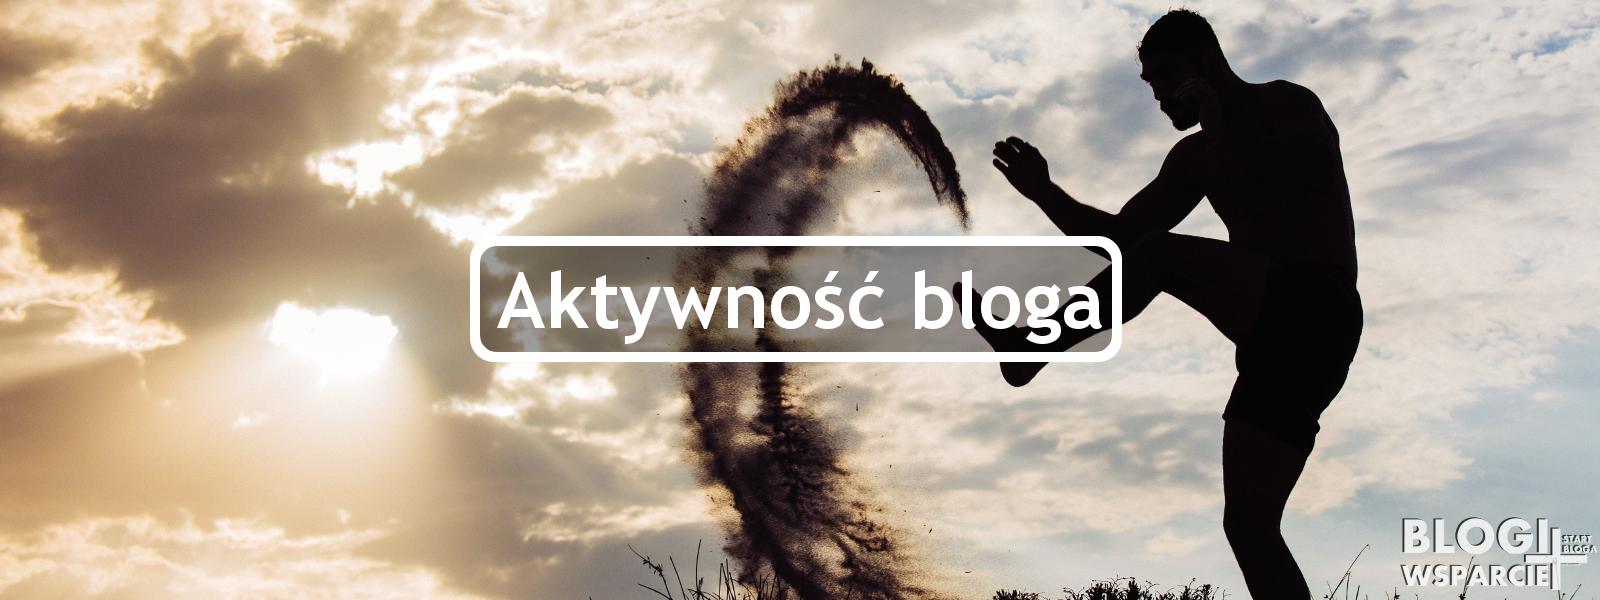 Jak stworzyć poczytnego bloga? Co wpływa na liczbę wyświetleń na blogu? Jak rozplanować teksty aby blog był systematyczny i ciekawy dla czytelnika? Tworzenie harmonogramu, dzięki któremu Twój blog stanie się aktywny w Internecie!